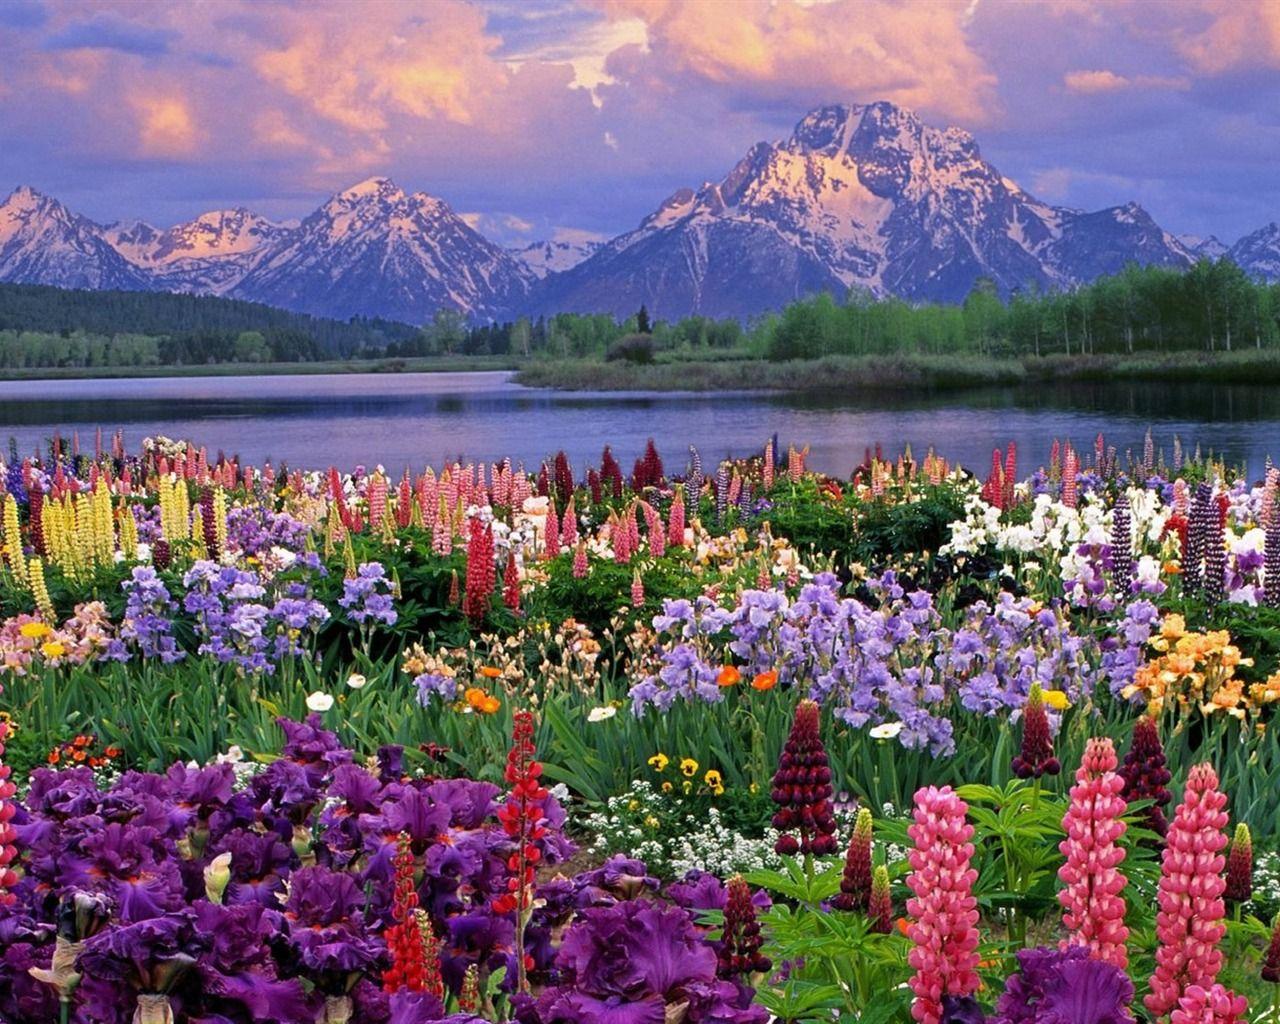 Bildergebnis für beautiful flowers in September